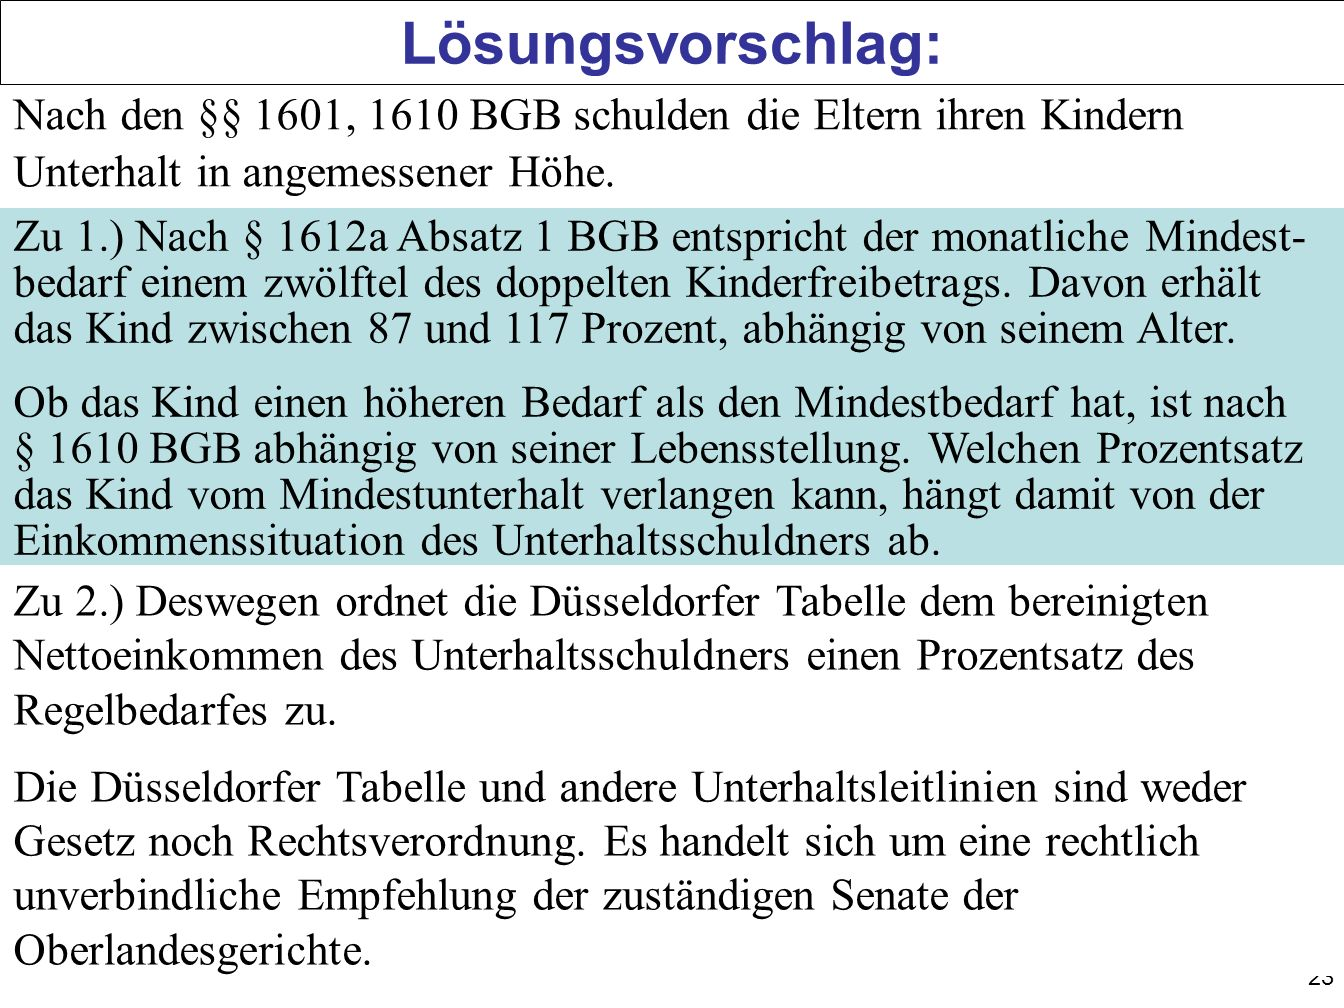 Lösungsvorschlag: Nach den §§ 1601, 1610 BGB schulden die Eltern ihren Kindern Unterhalt in angemessener Höhe.